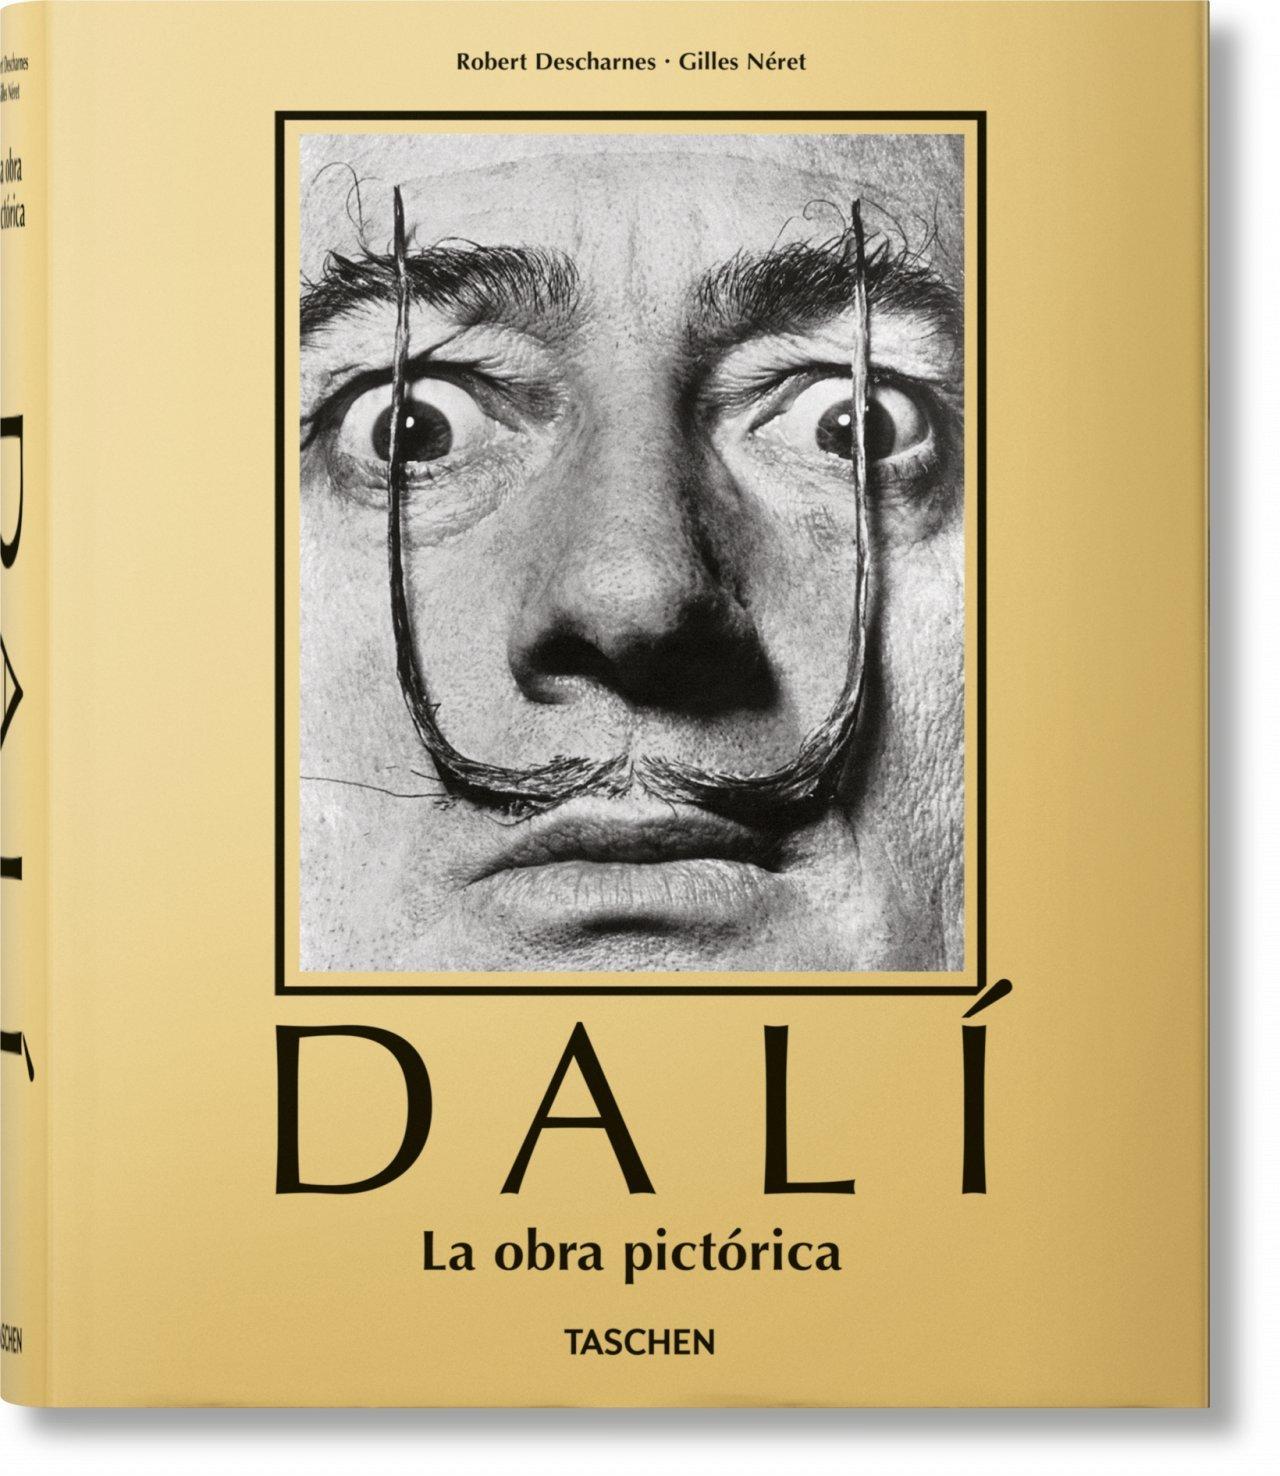 Dalí - Descharnes Robert